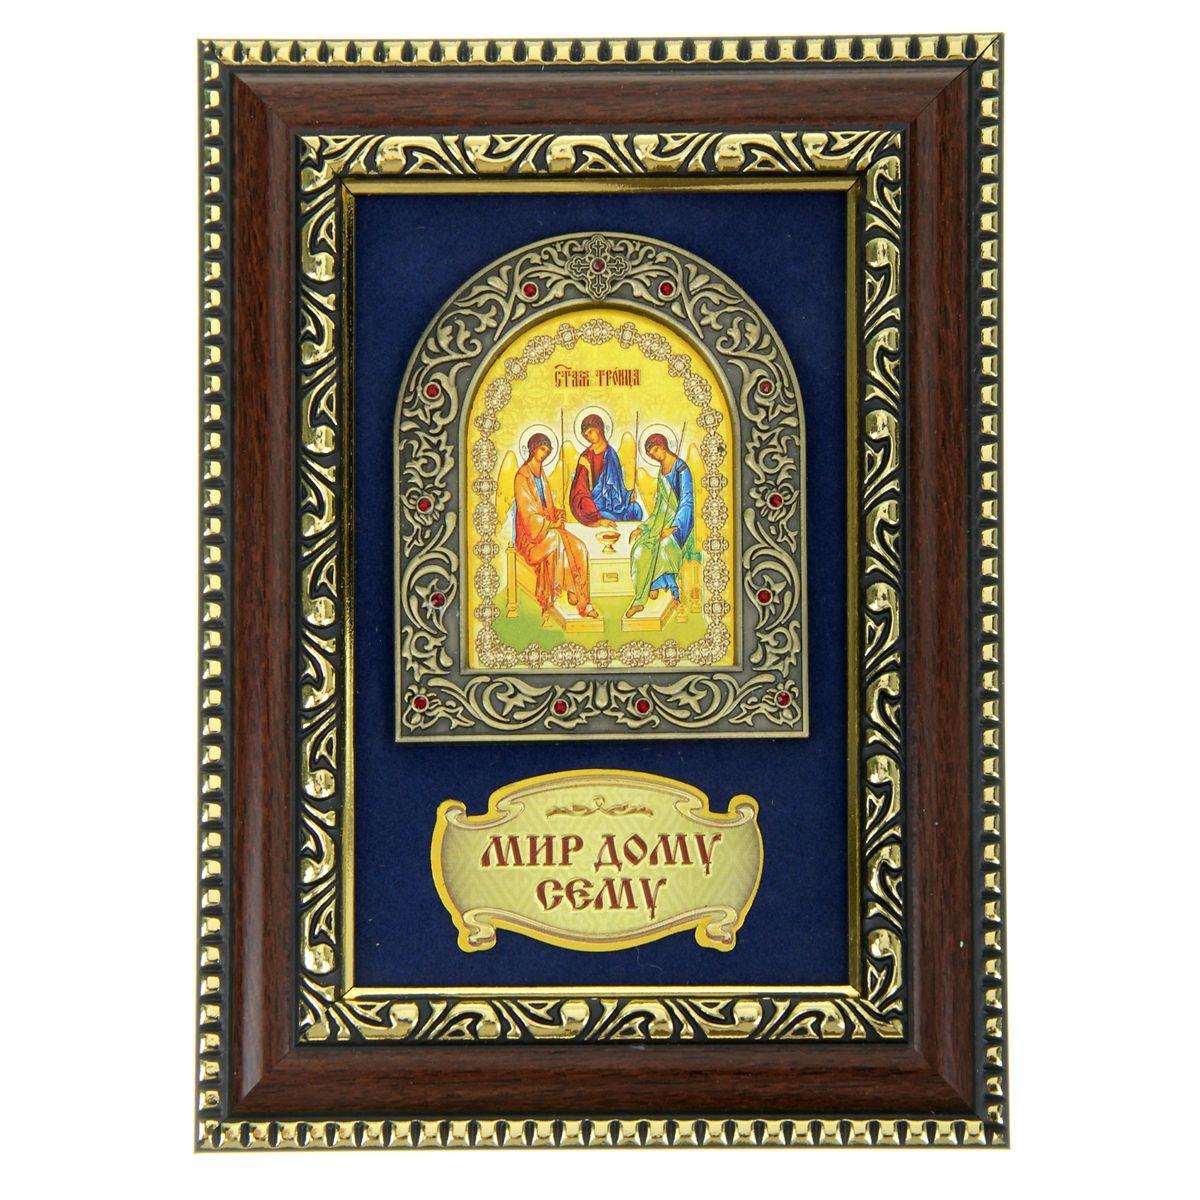 Панно-икона Святая Троица, 14,5 см х 19,5 см871072Панно-икона Святая Троица представляет собой небольшую икону, размещенную на картонной подложке синего цвета. Ниже расположена табличка с надписью Мир дому сему. Икона обрамлена в металлическую рамку, украшенную изысканным рельефом и инкрустированную мелкими красными стразами. Рамка для панно с золотистым узорным рельефом выполнена из дерева. Панно можно подвесить на стену или поставить на стол, для чего с задней стороны предусмотрена специальная ножка. Любое помещение выглядит незавершенным без правильно расположенных предметов интерьера. Они помогают создать уют, расставить акценты, подчеркнуть достоинства или скрыть недостатки. Не бывает незначительных деталей. Из мелочей складывается образ человека и стиль интерьера. Панно-икона Святая Троица - одна из тех деталей, которые придают дому обжитой вид и создают ощущение уюта.